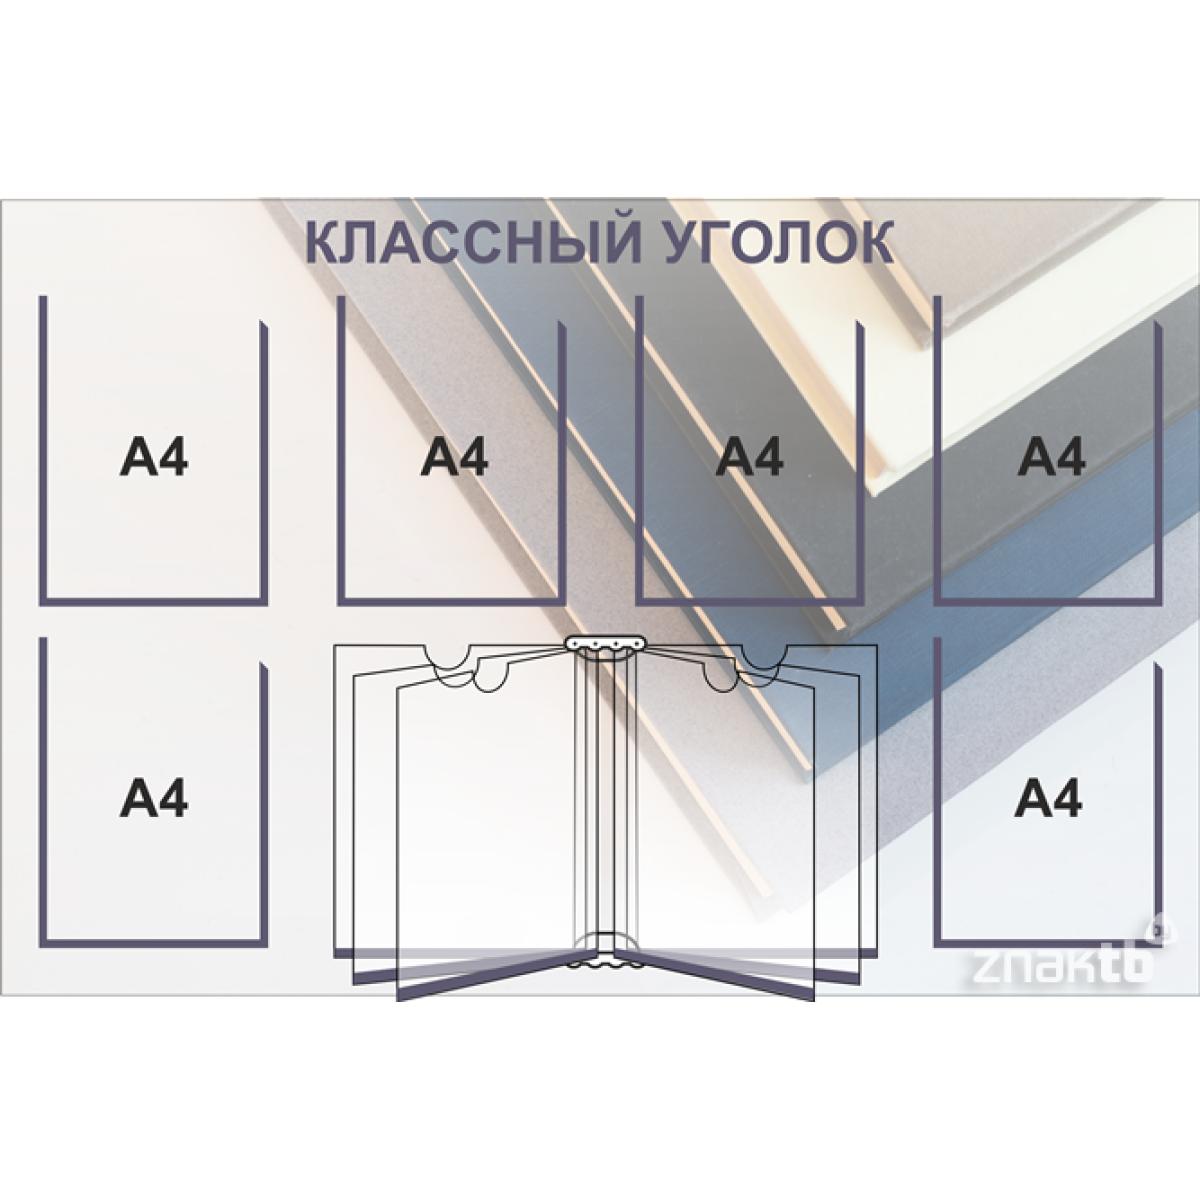 Стенд информационный для школ с 6 карманами (А4) и 1 книгой (А4)